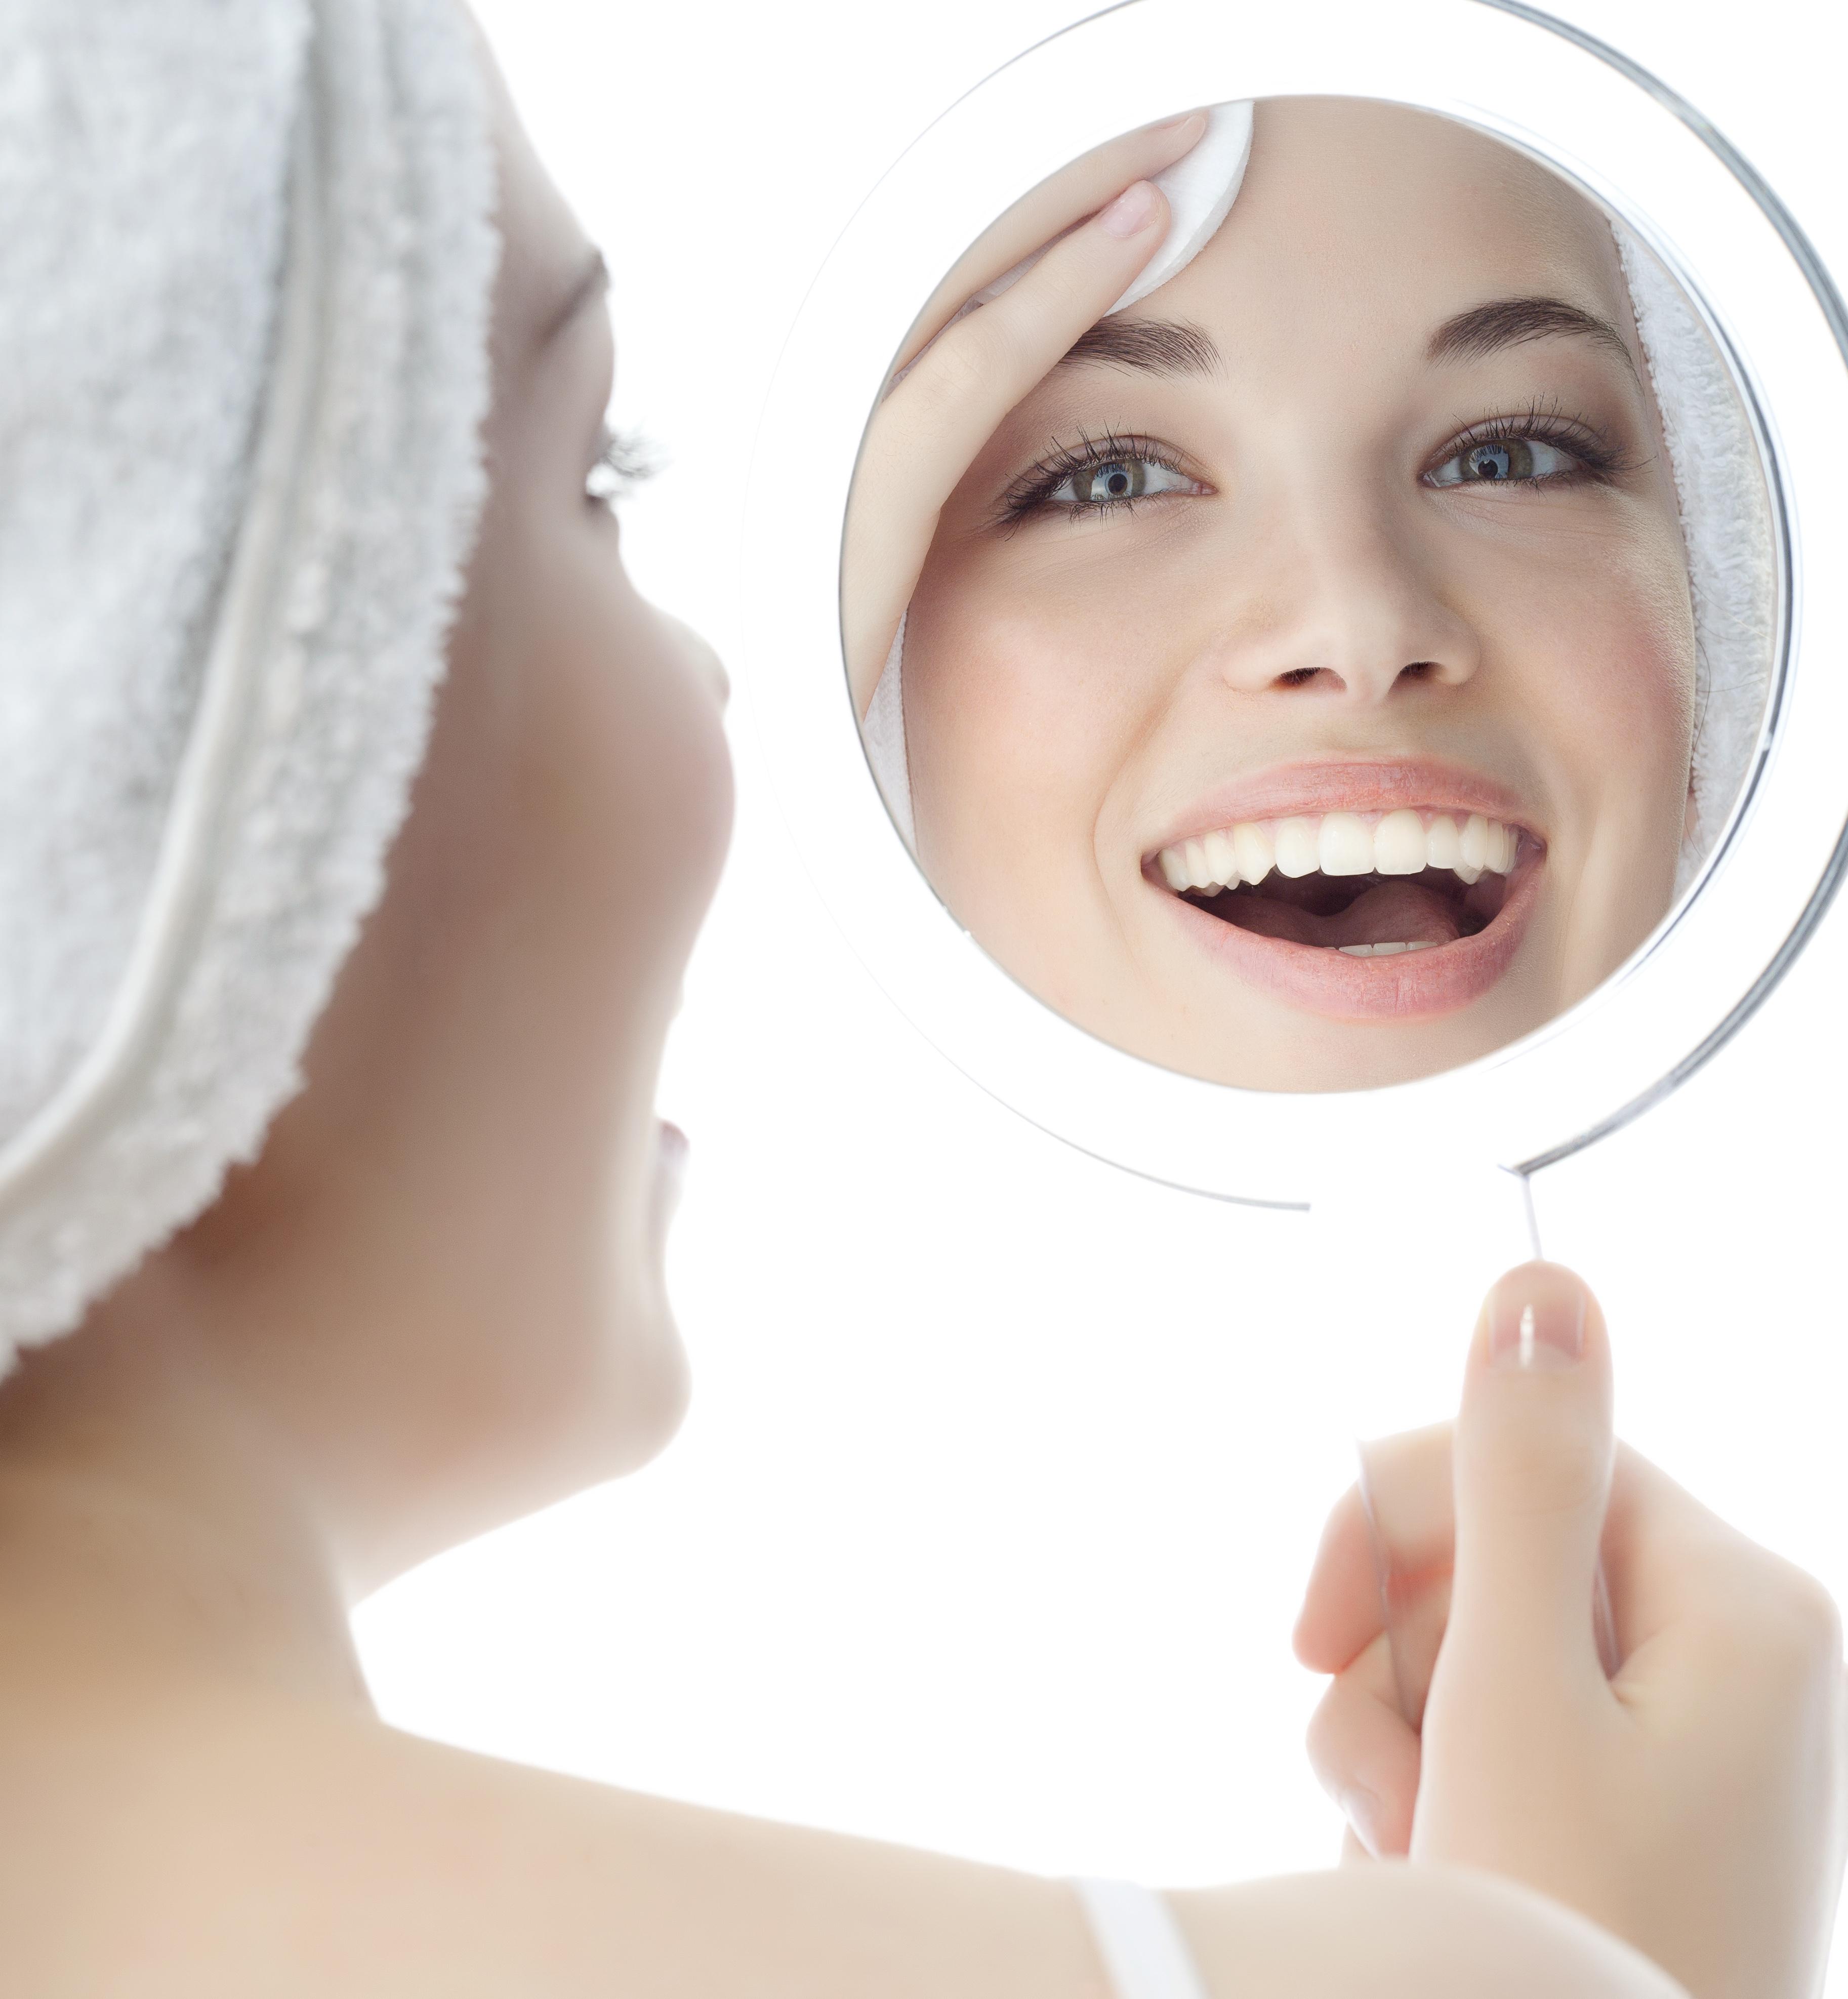 : La detersione ed esfoliazione per la Beauty routine | Panestetic